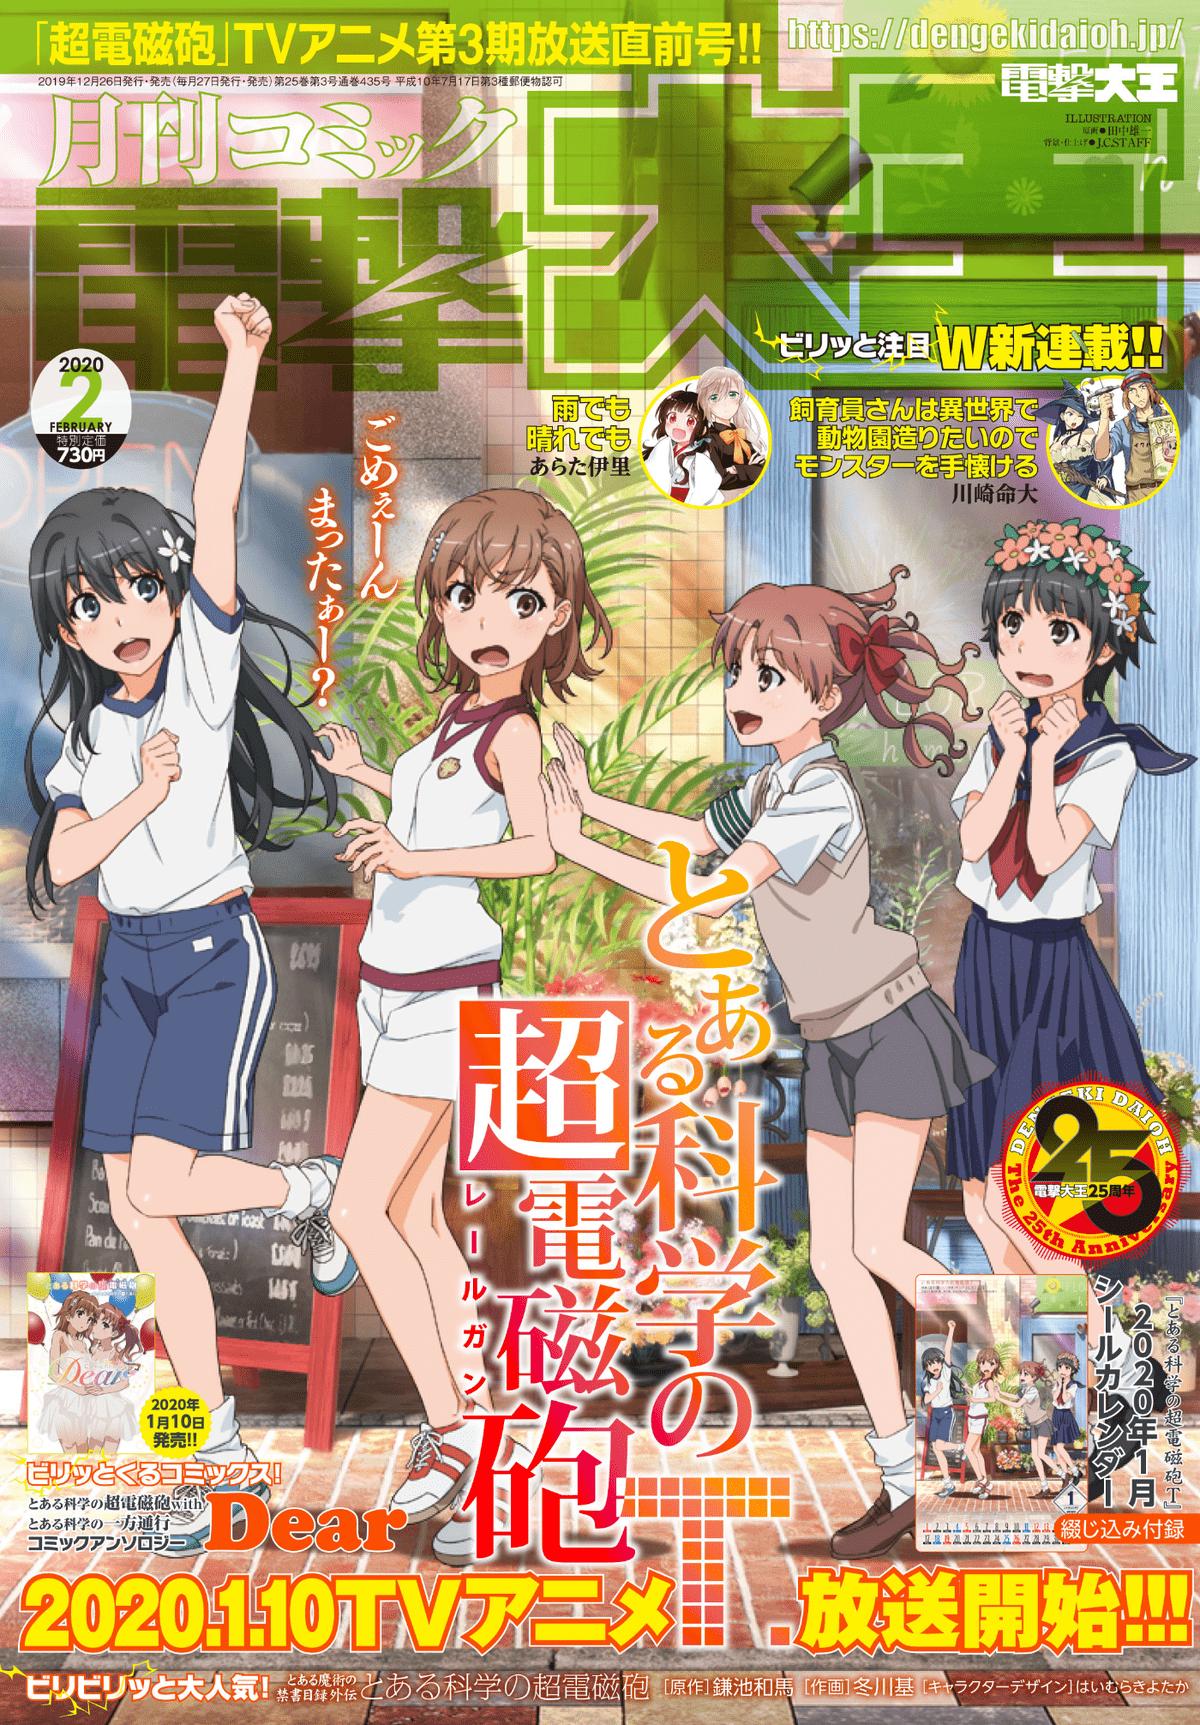 電撃大王2020年2月号は12月26日 木 発売 超電磁砲 tvアニメ第3